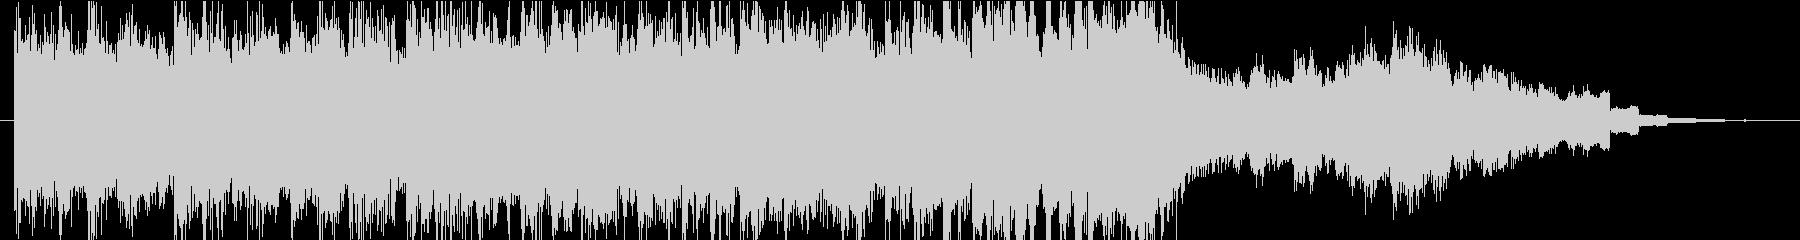 ポップロックインストゥルメンタル。...の未再生の波形